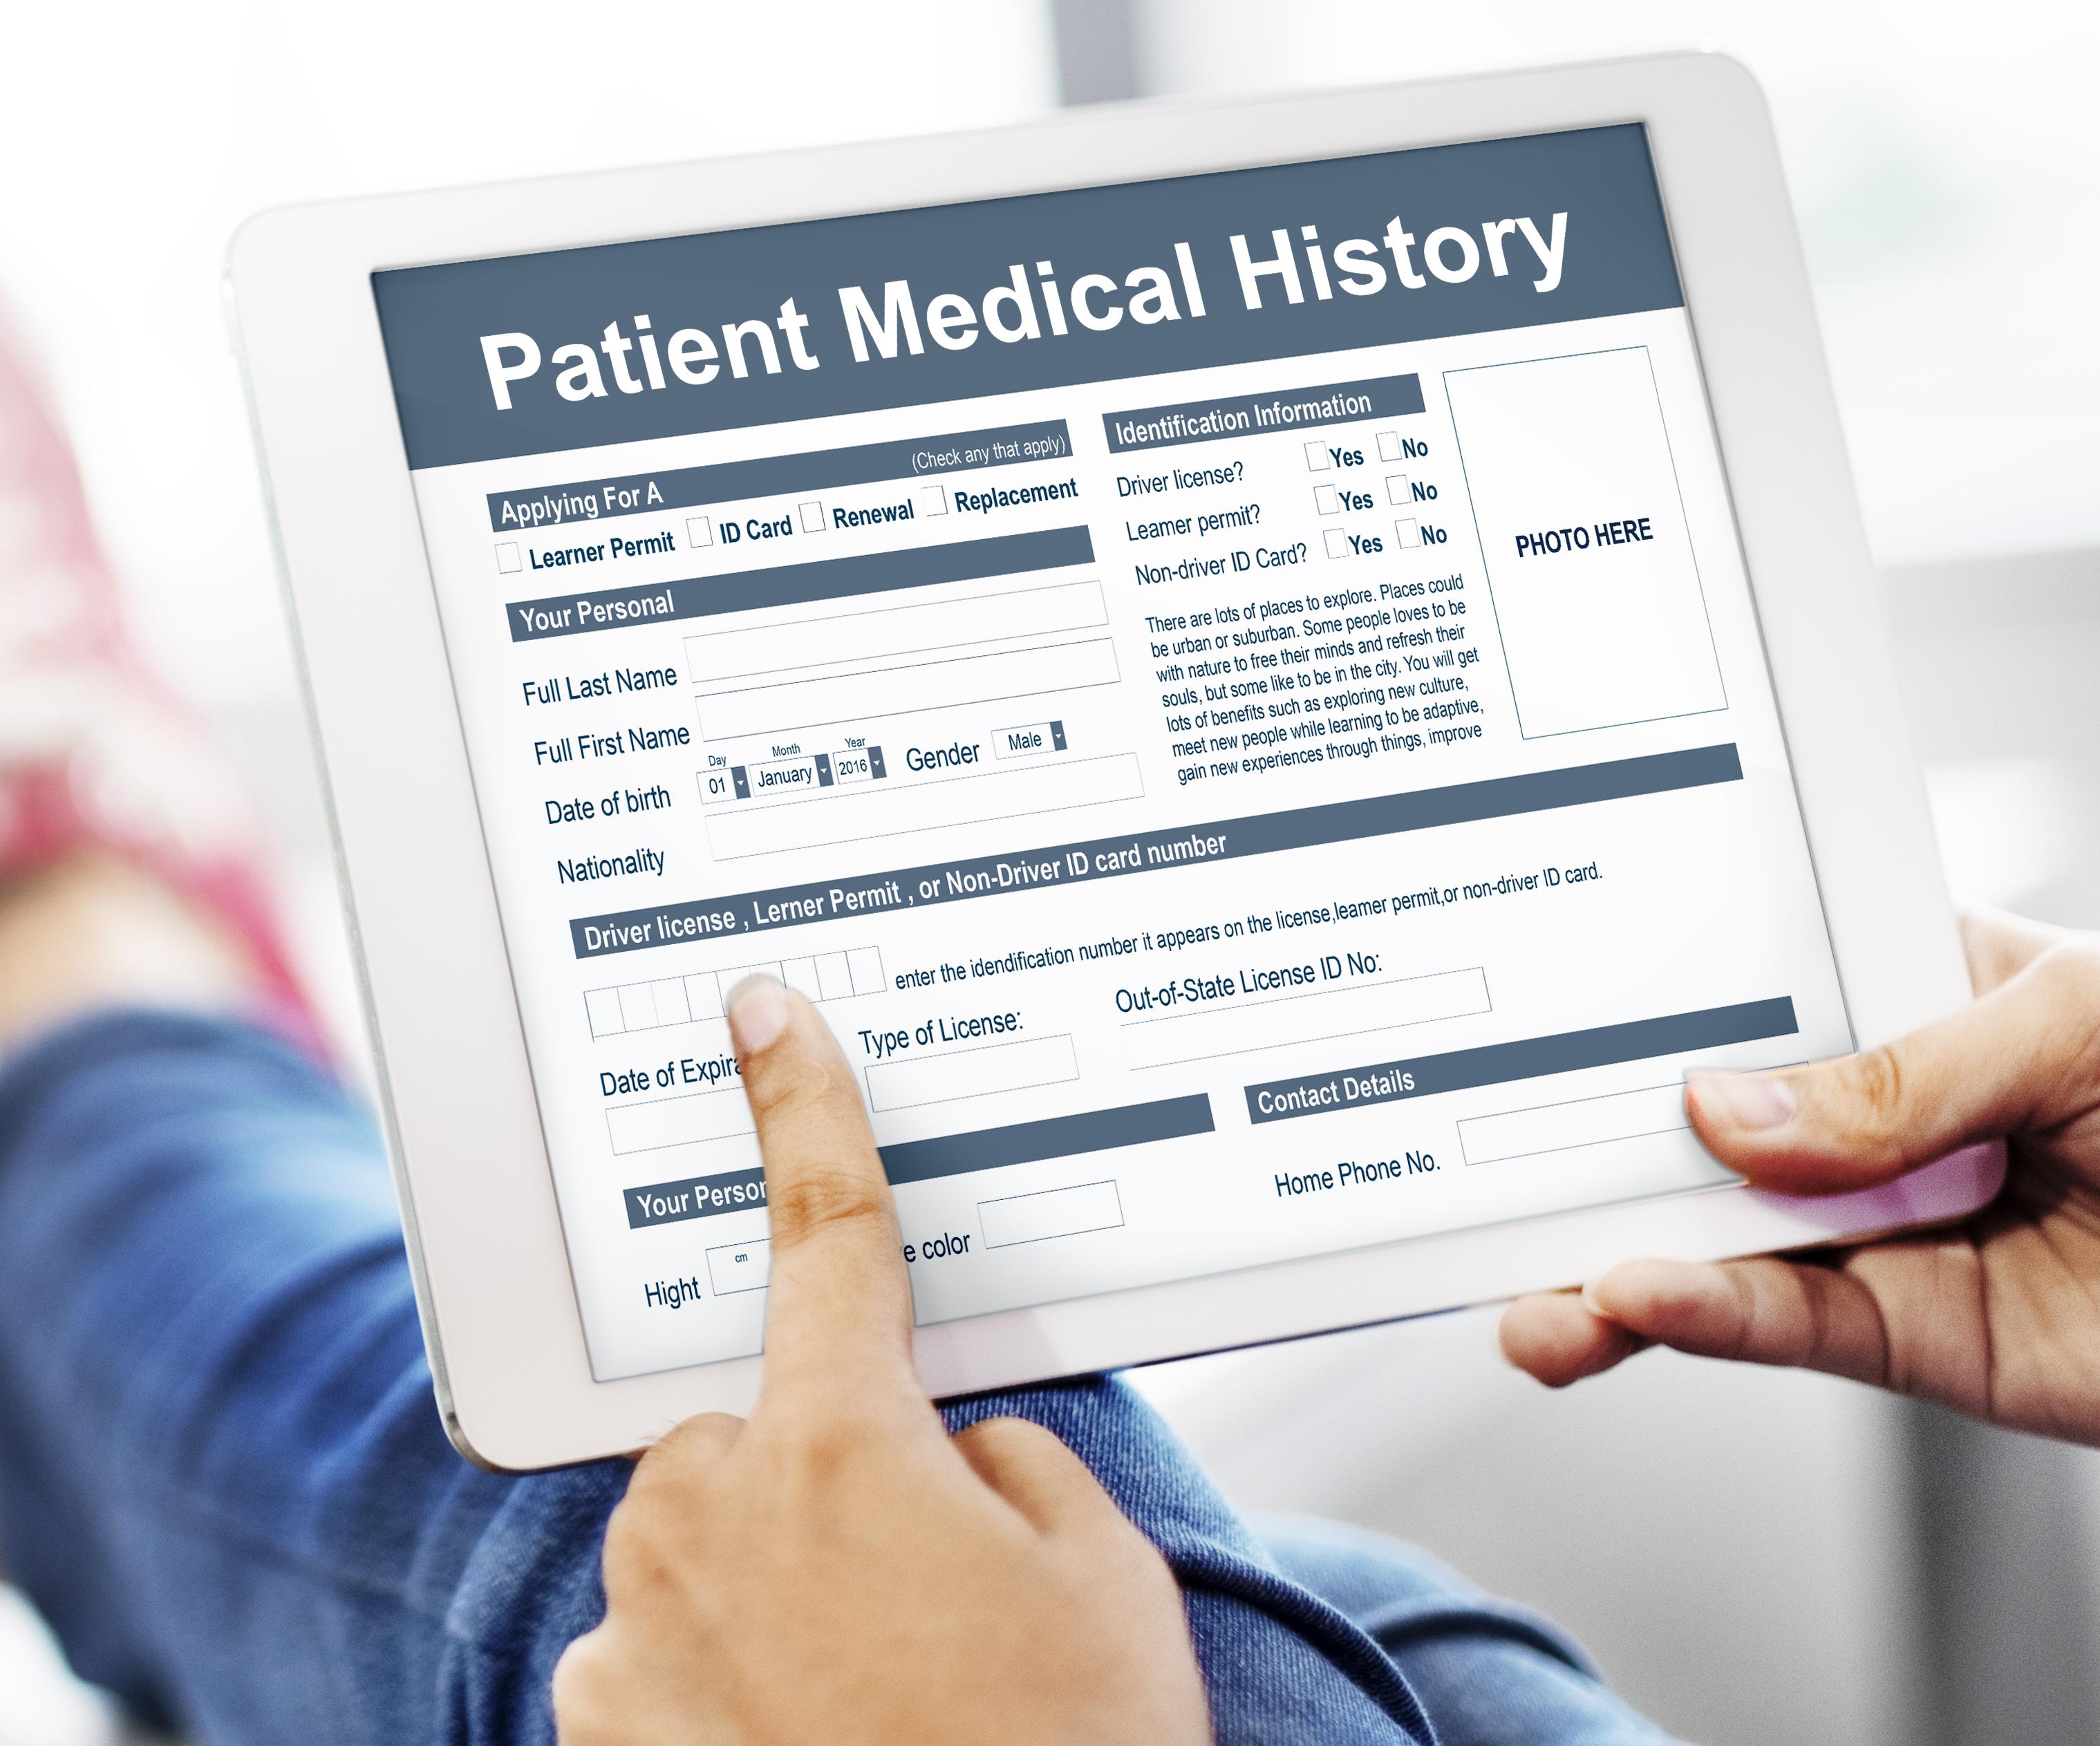 E-tjänsten att ge patienten åtkomst till sina journaler via nätet kallas Journalen och är tillgänglig i nästan alla landsting och regioner.